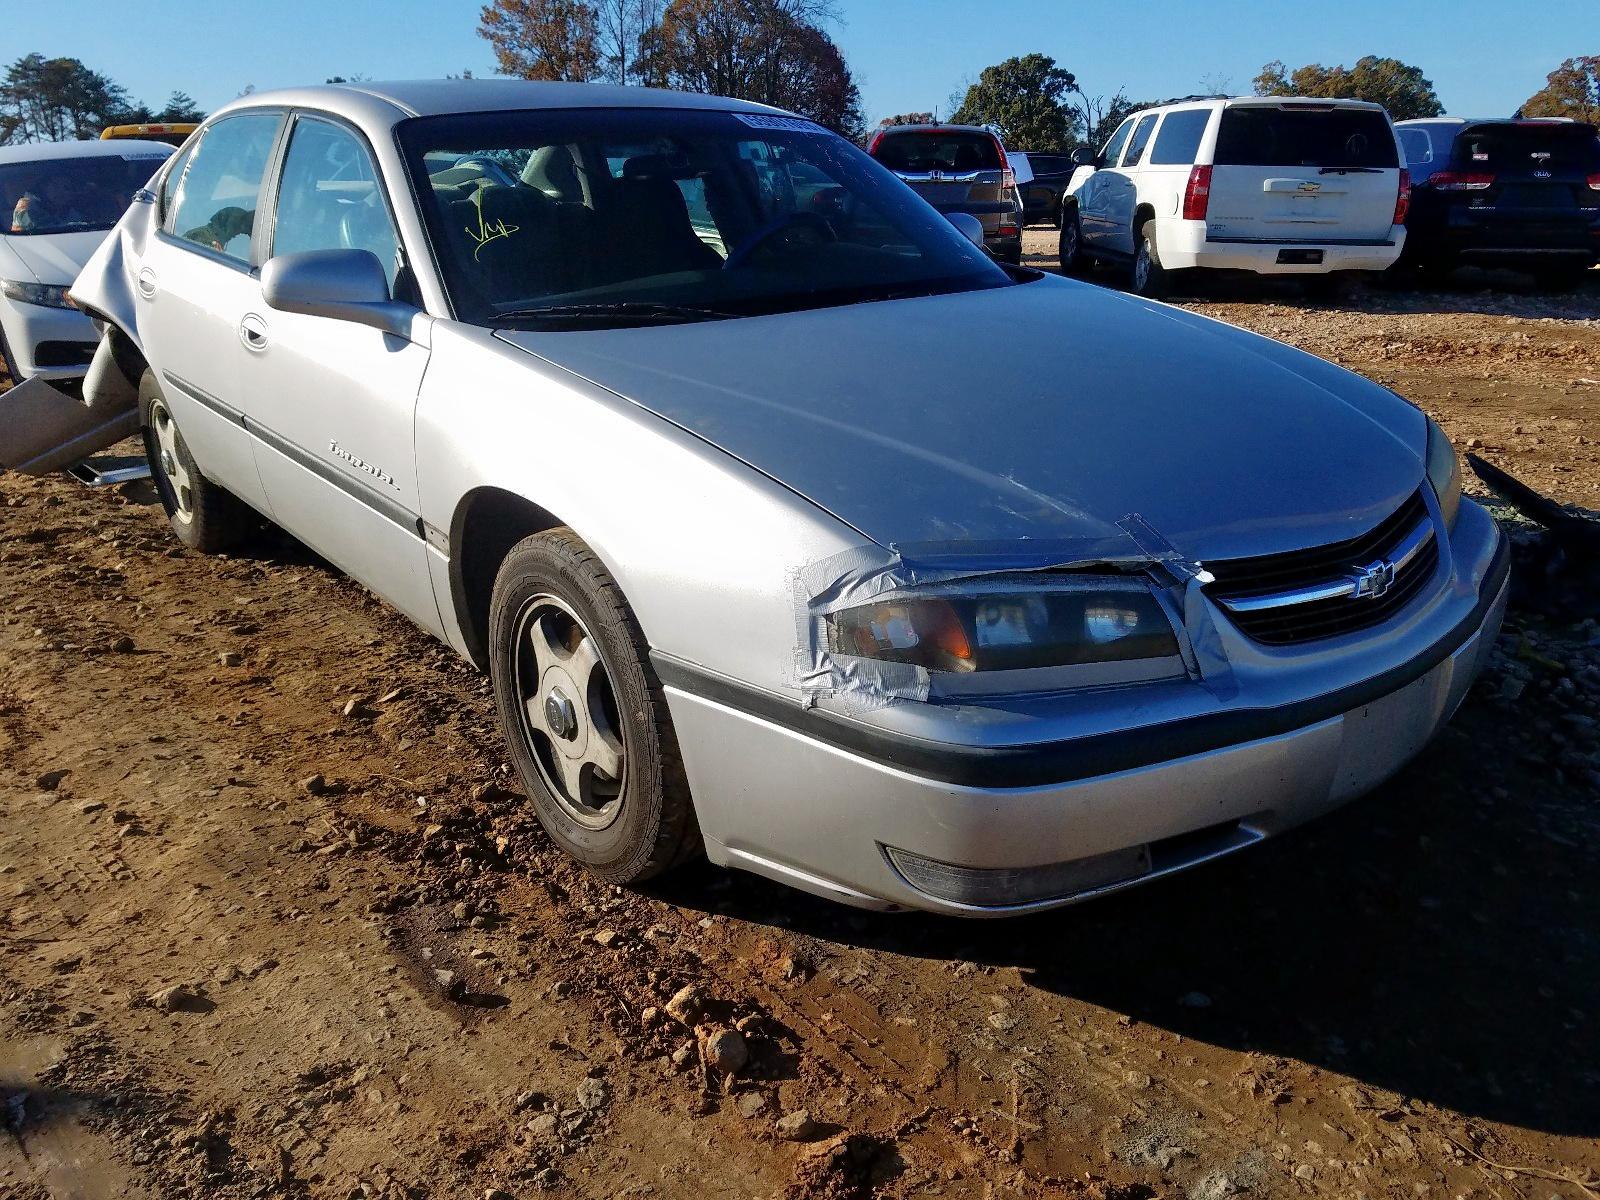 2G1WH55K5Y9130344 - 2000 Chevrolet Impala Ls 3.8L Left View